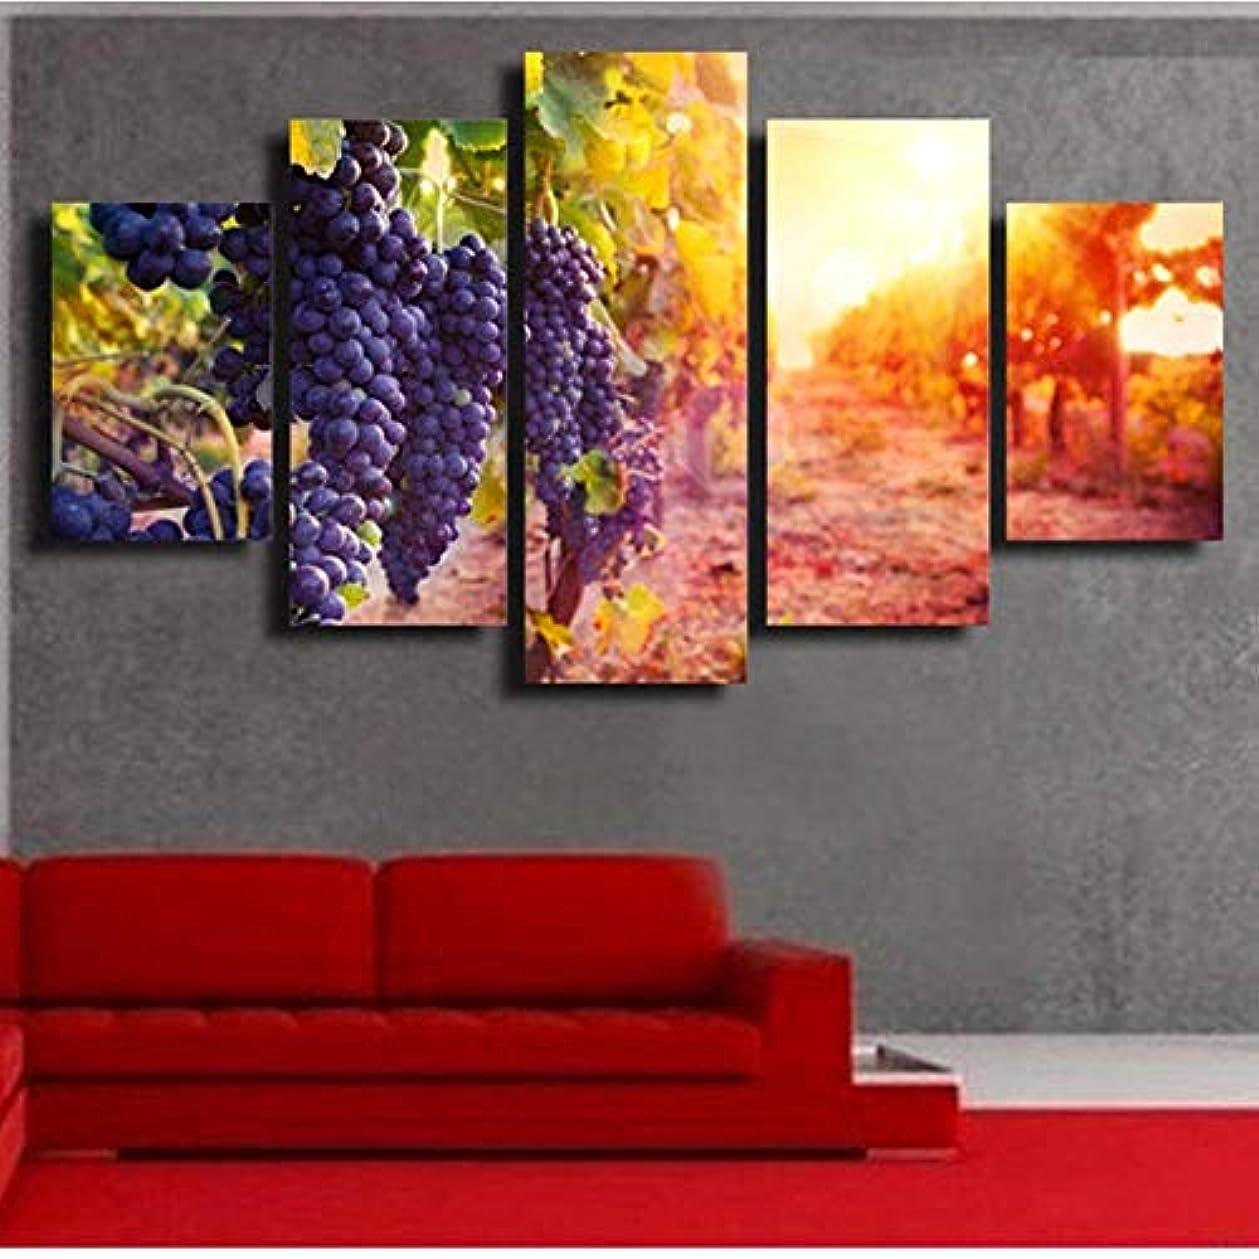 なだめるウガンダ道路を作るプロセスBZM-ZM ポーチ壁画を描くぶら下げ5つの紫色のブドウの壁絵研究を描くデジタル装飾画クラフト(20 * 35 * 2 20 * 45 * 2 20 * 55 * 1つの内部フレーム塗装)ビューティフル